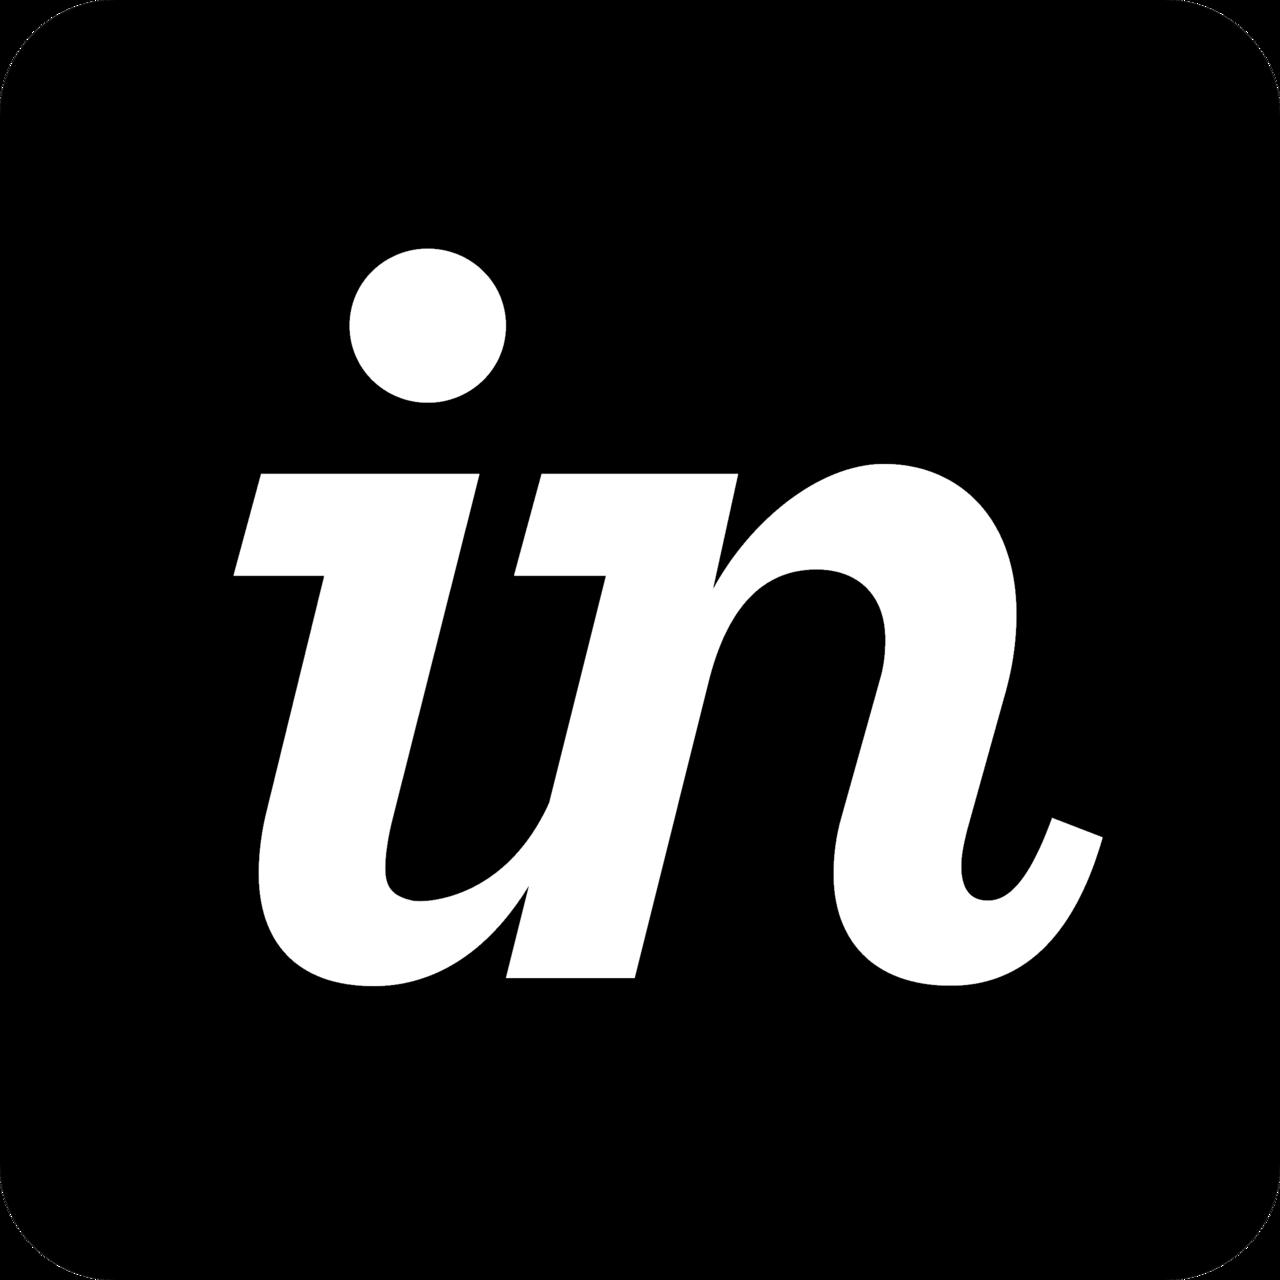 Invision logo black and white